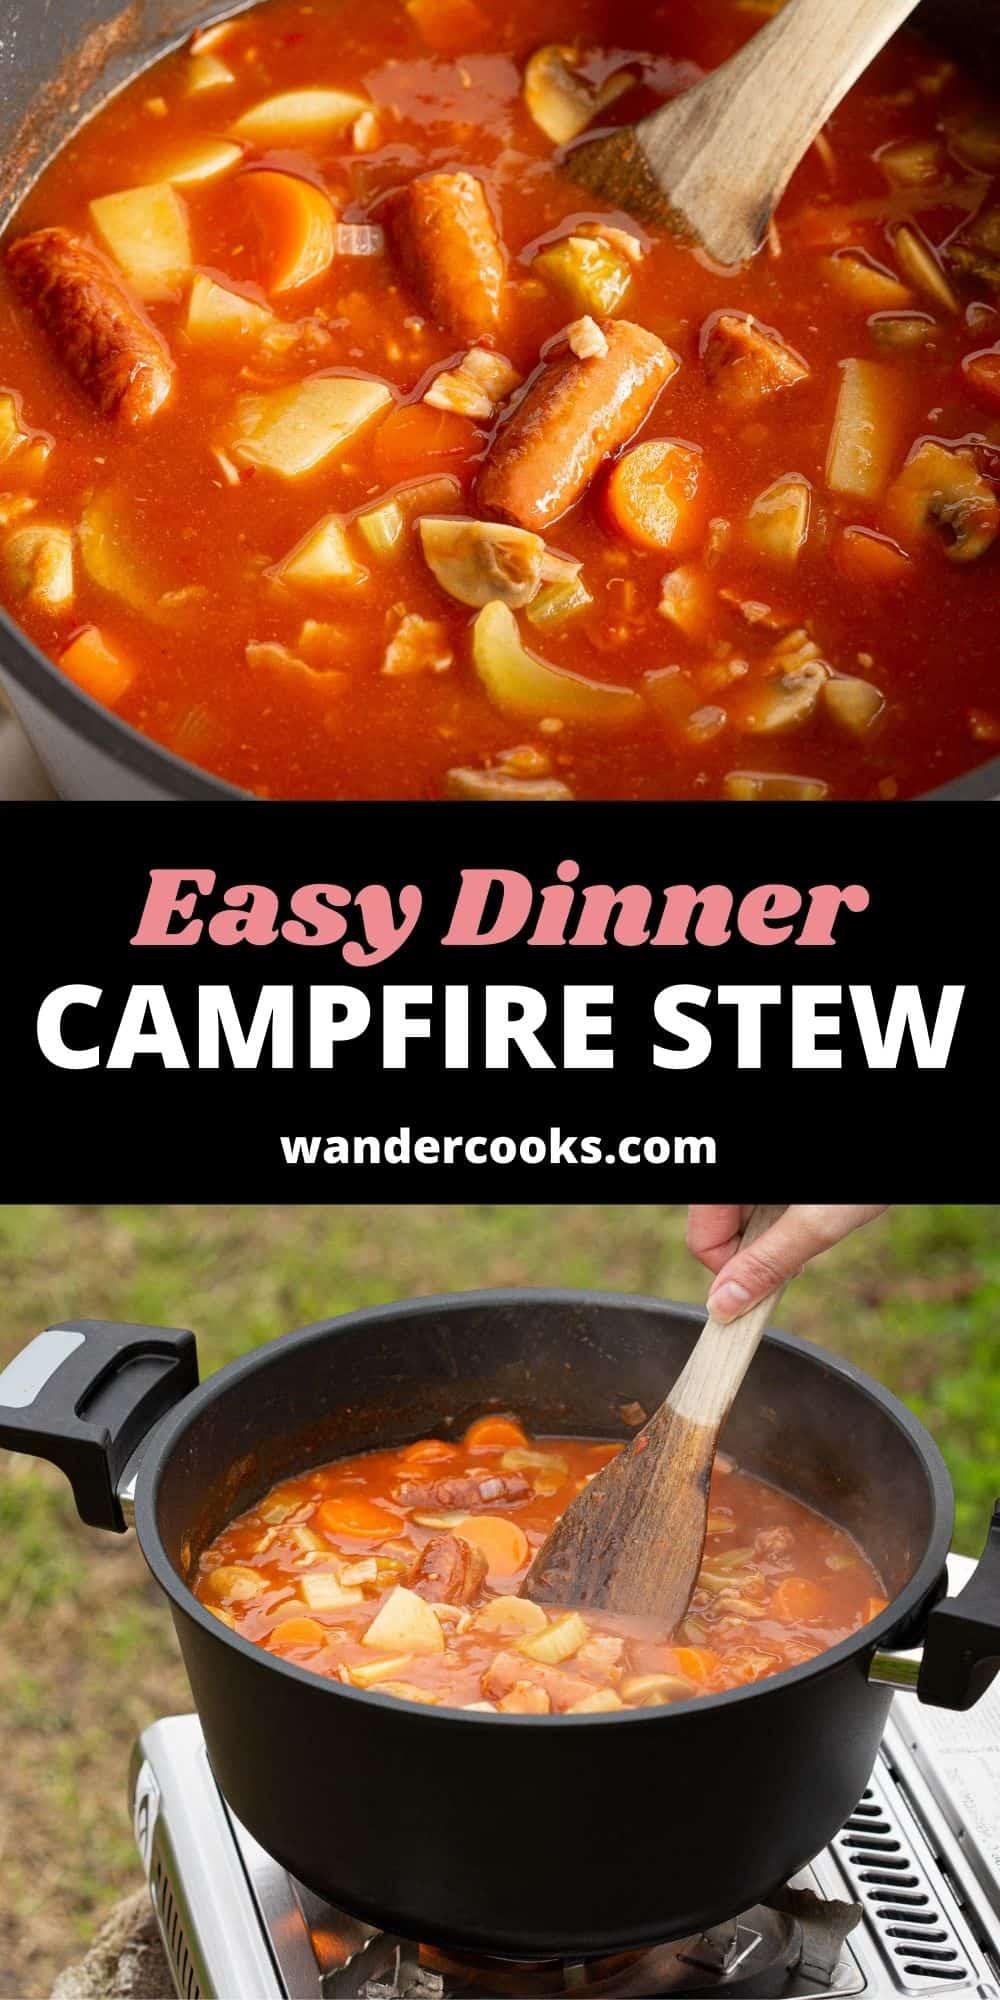 Best Campfire Stew - Sausage and Bean Casserole